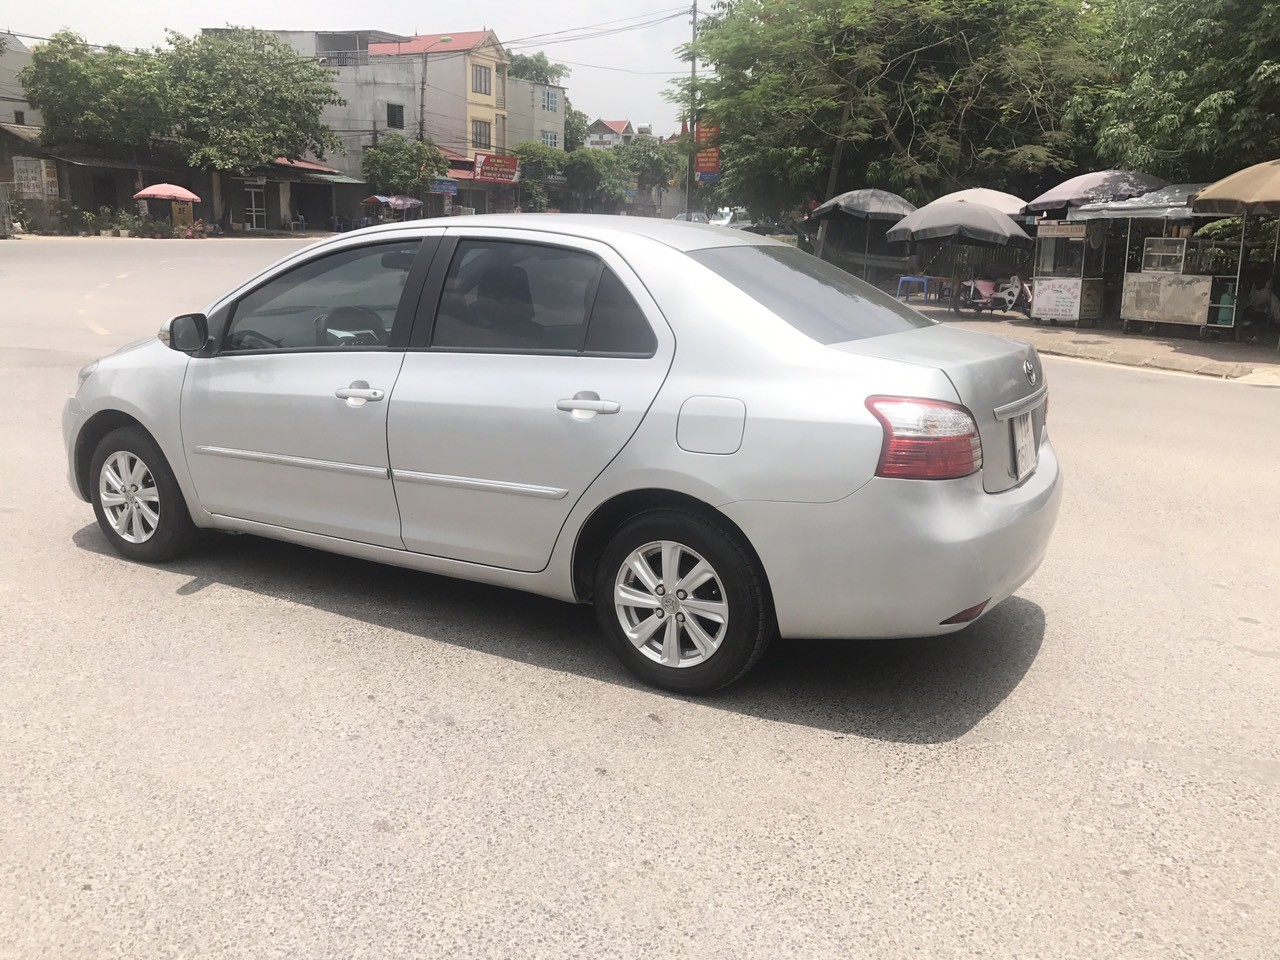 Cần bán gấp Toyota Vios 1.5MT 2011, màu bạc, giá tốt